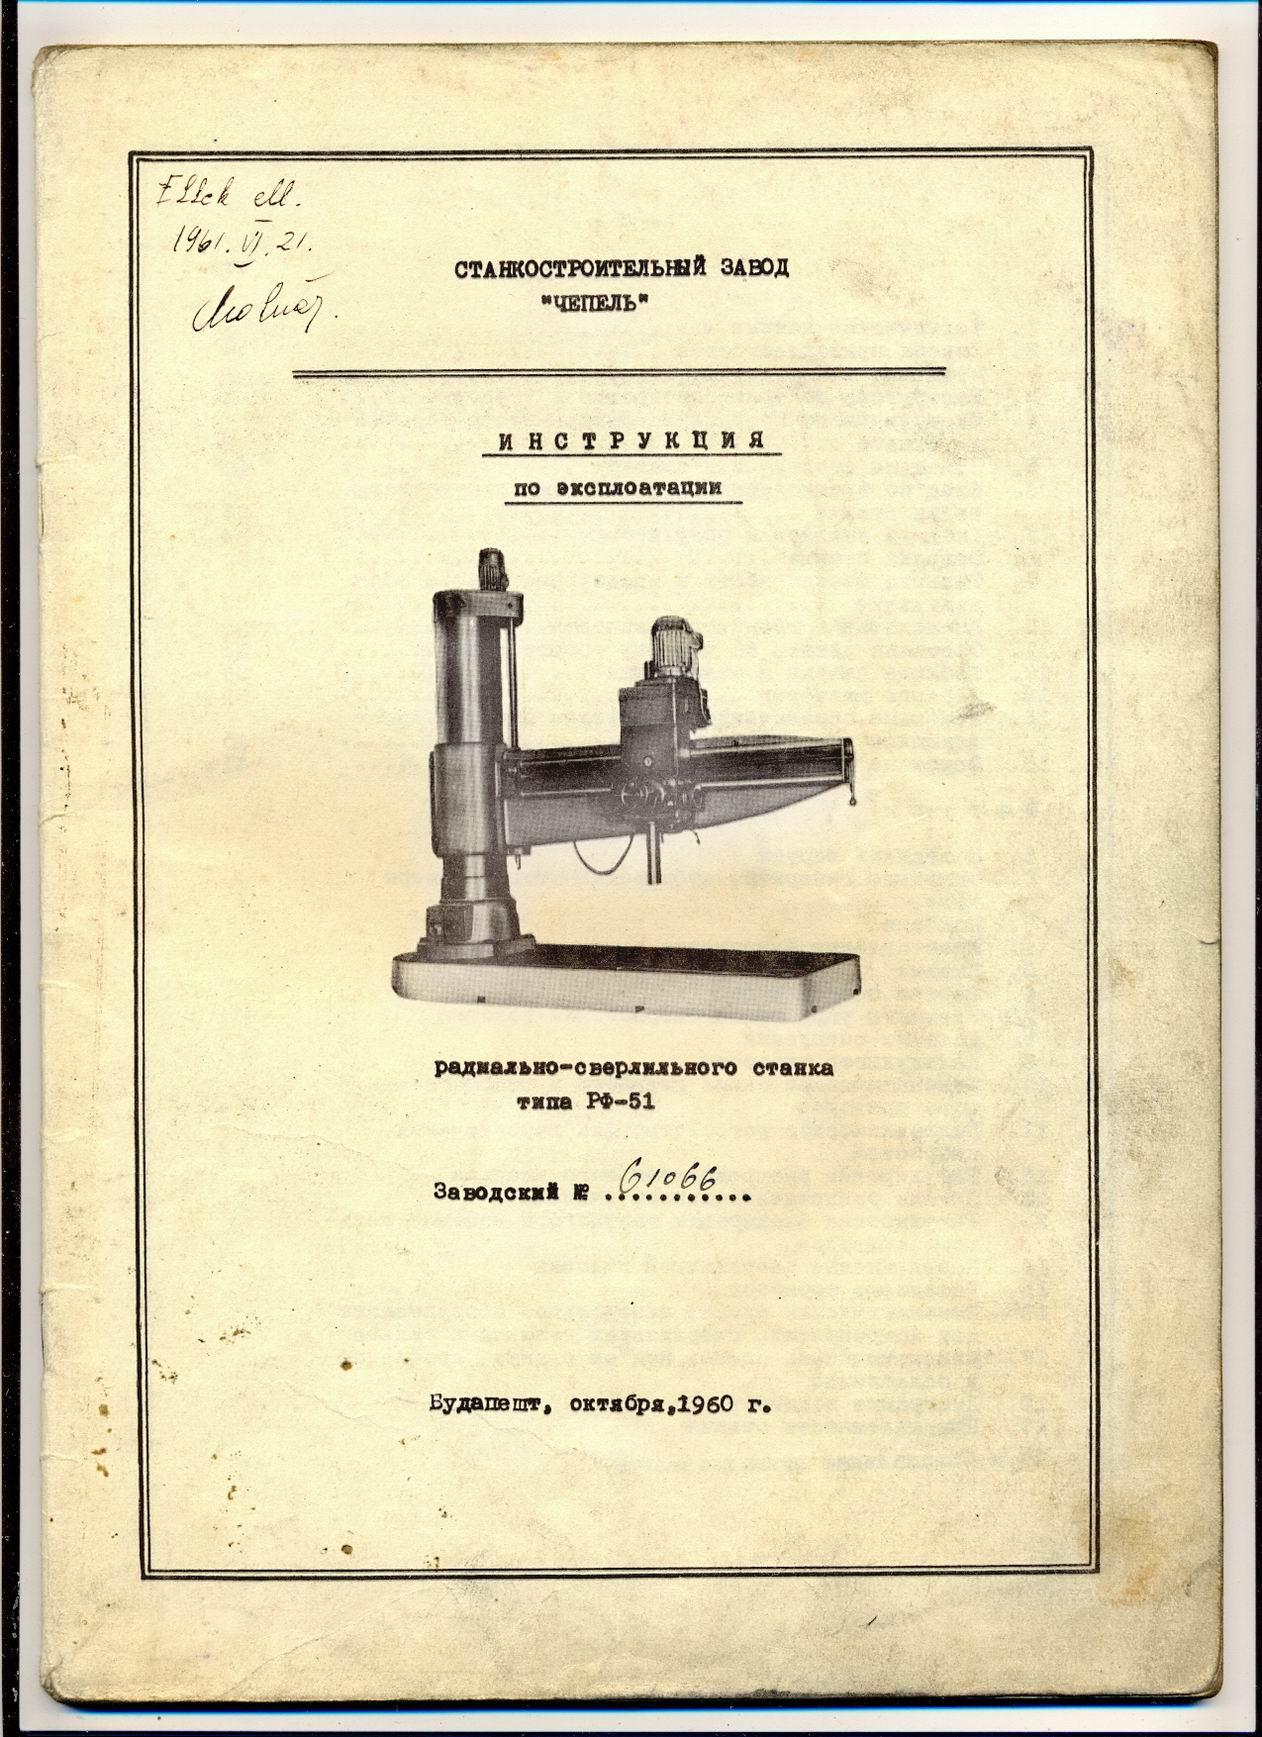 Инструкции по эксплуатации сверлильного станка